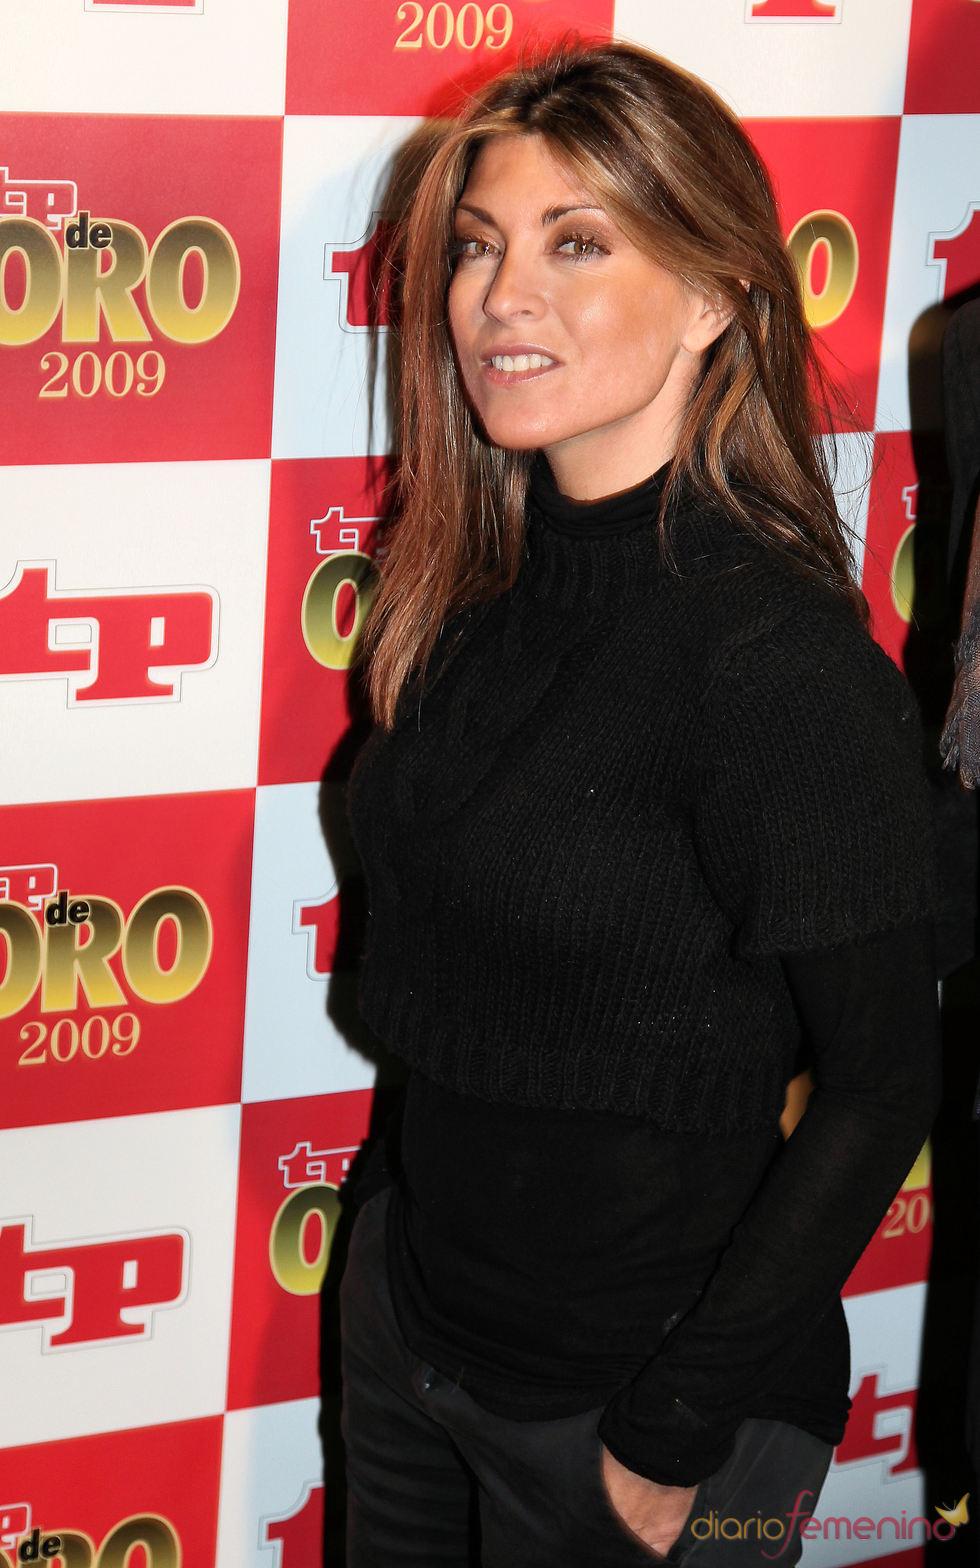 Premios TP de Oro: Paloma Ferre